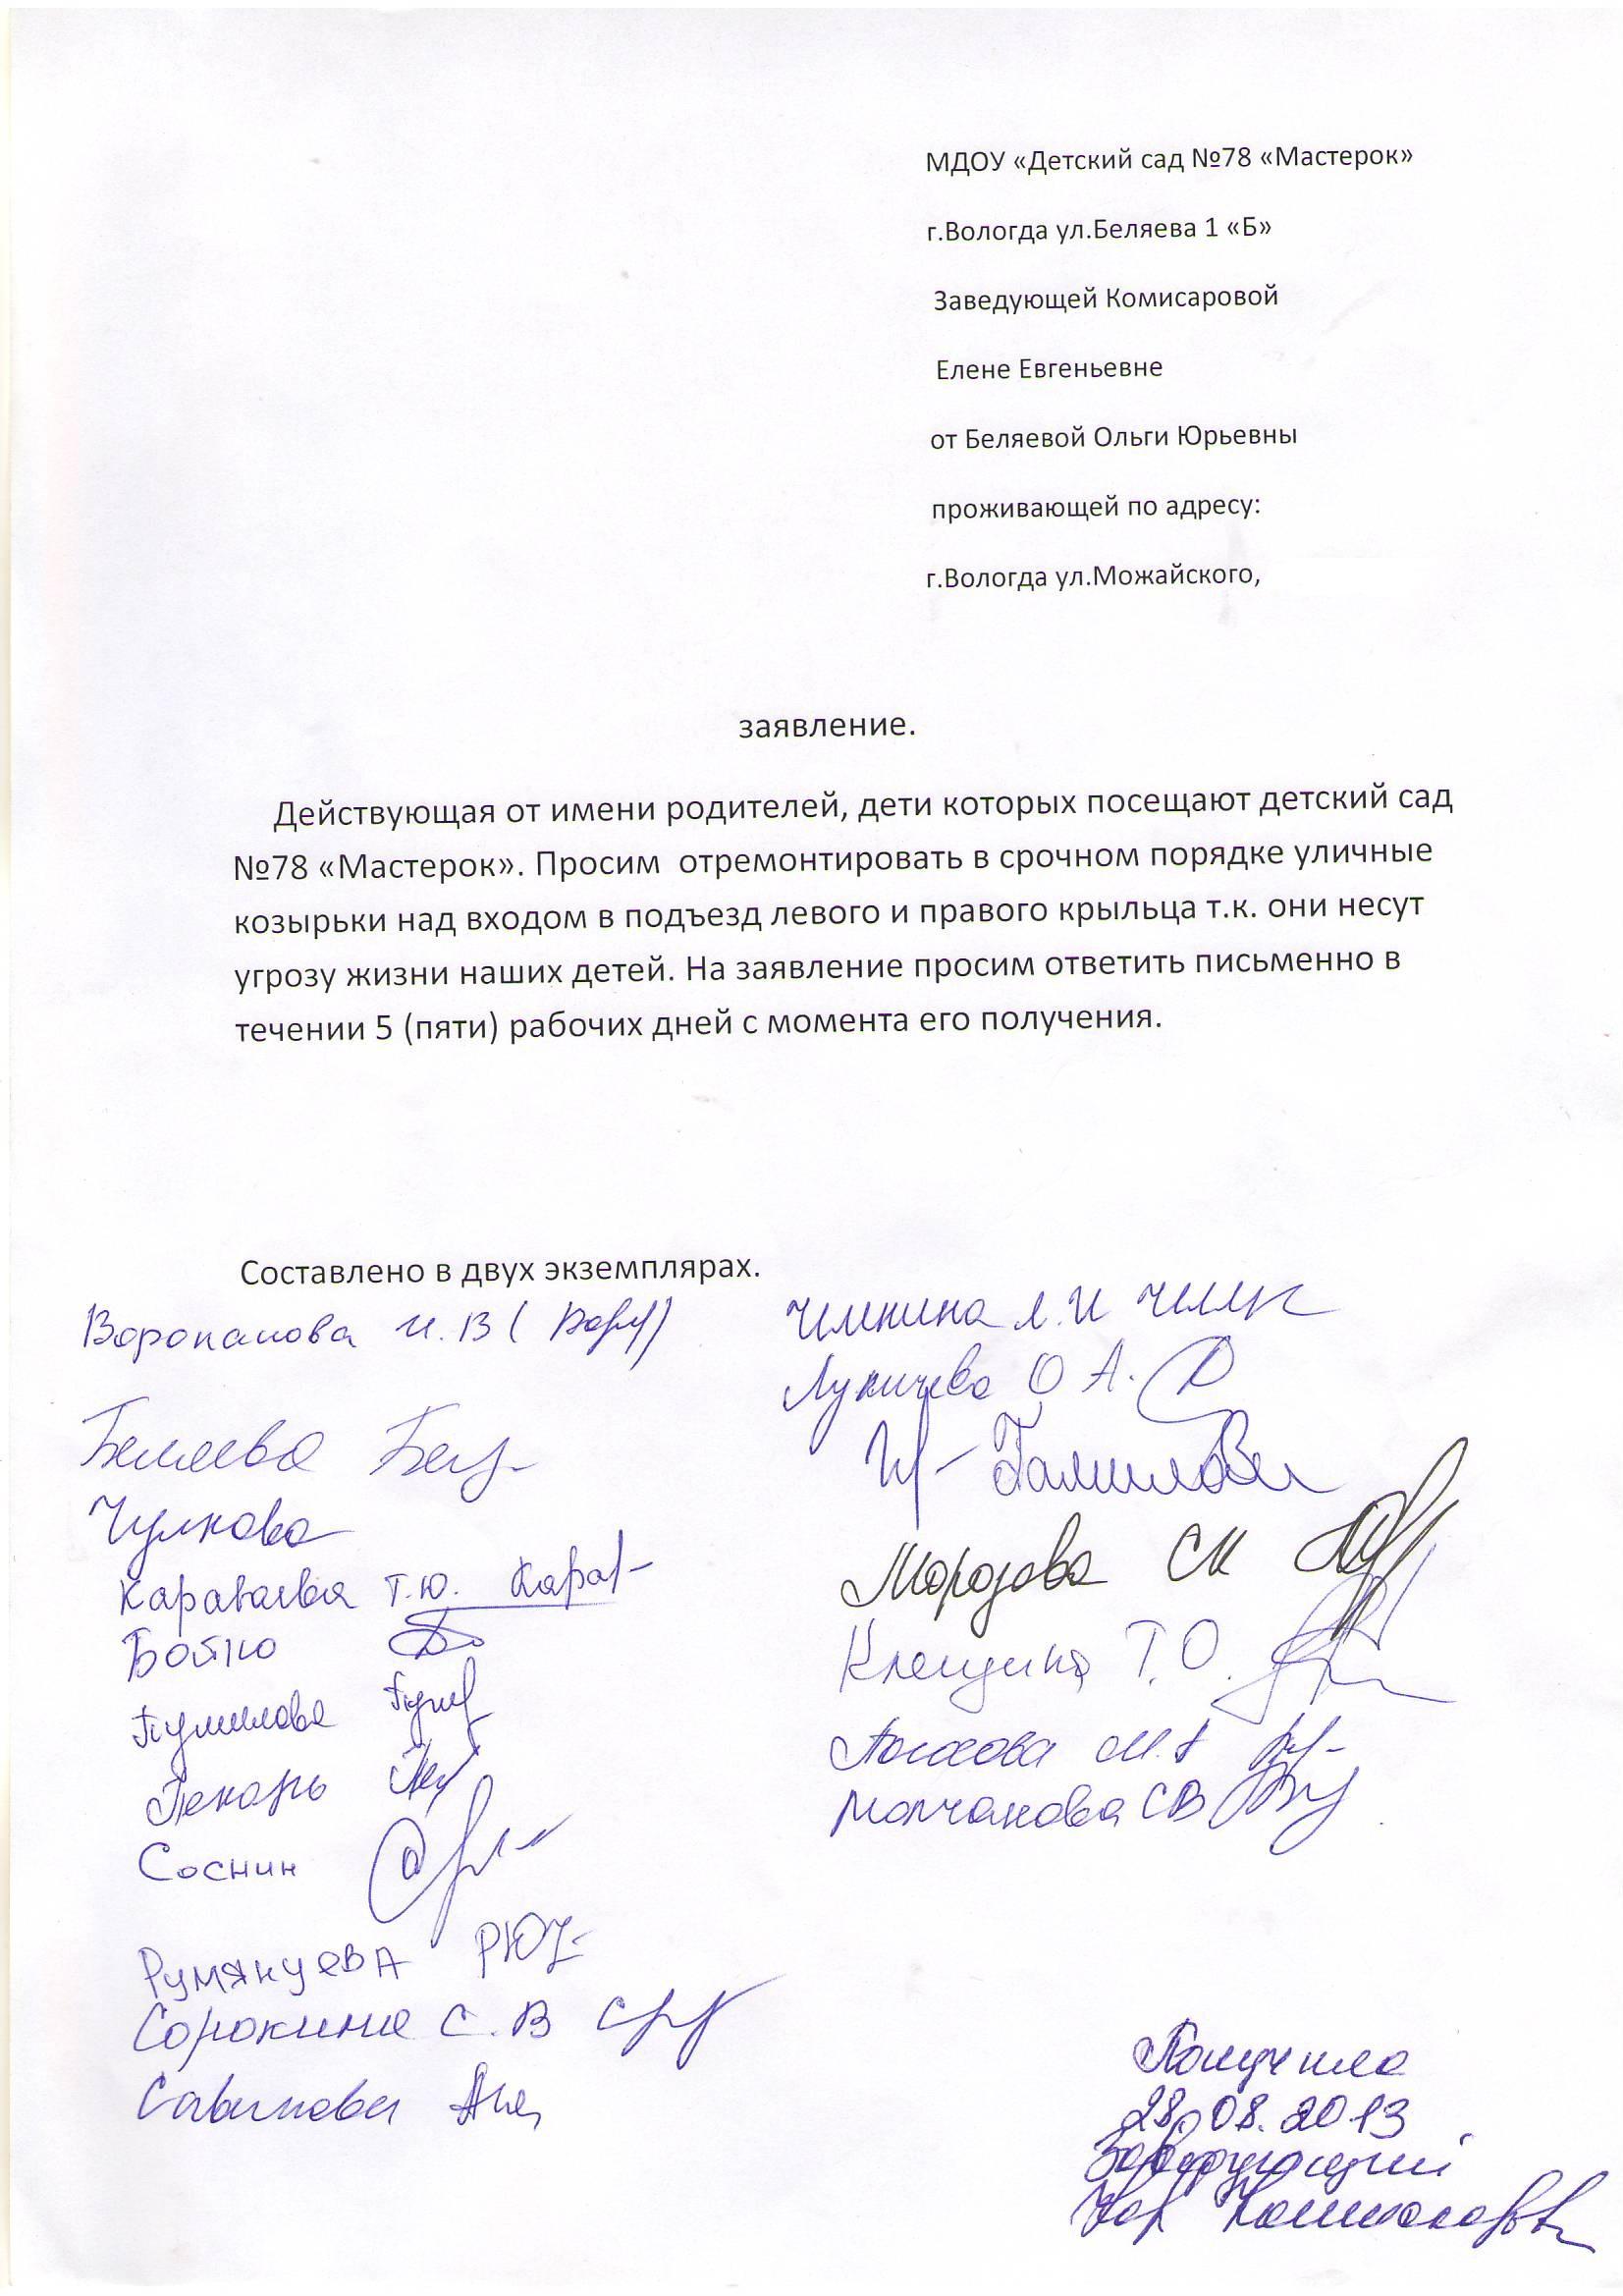 письмо о спонсорской помощи образец к депутату